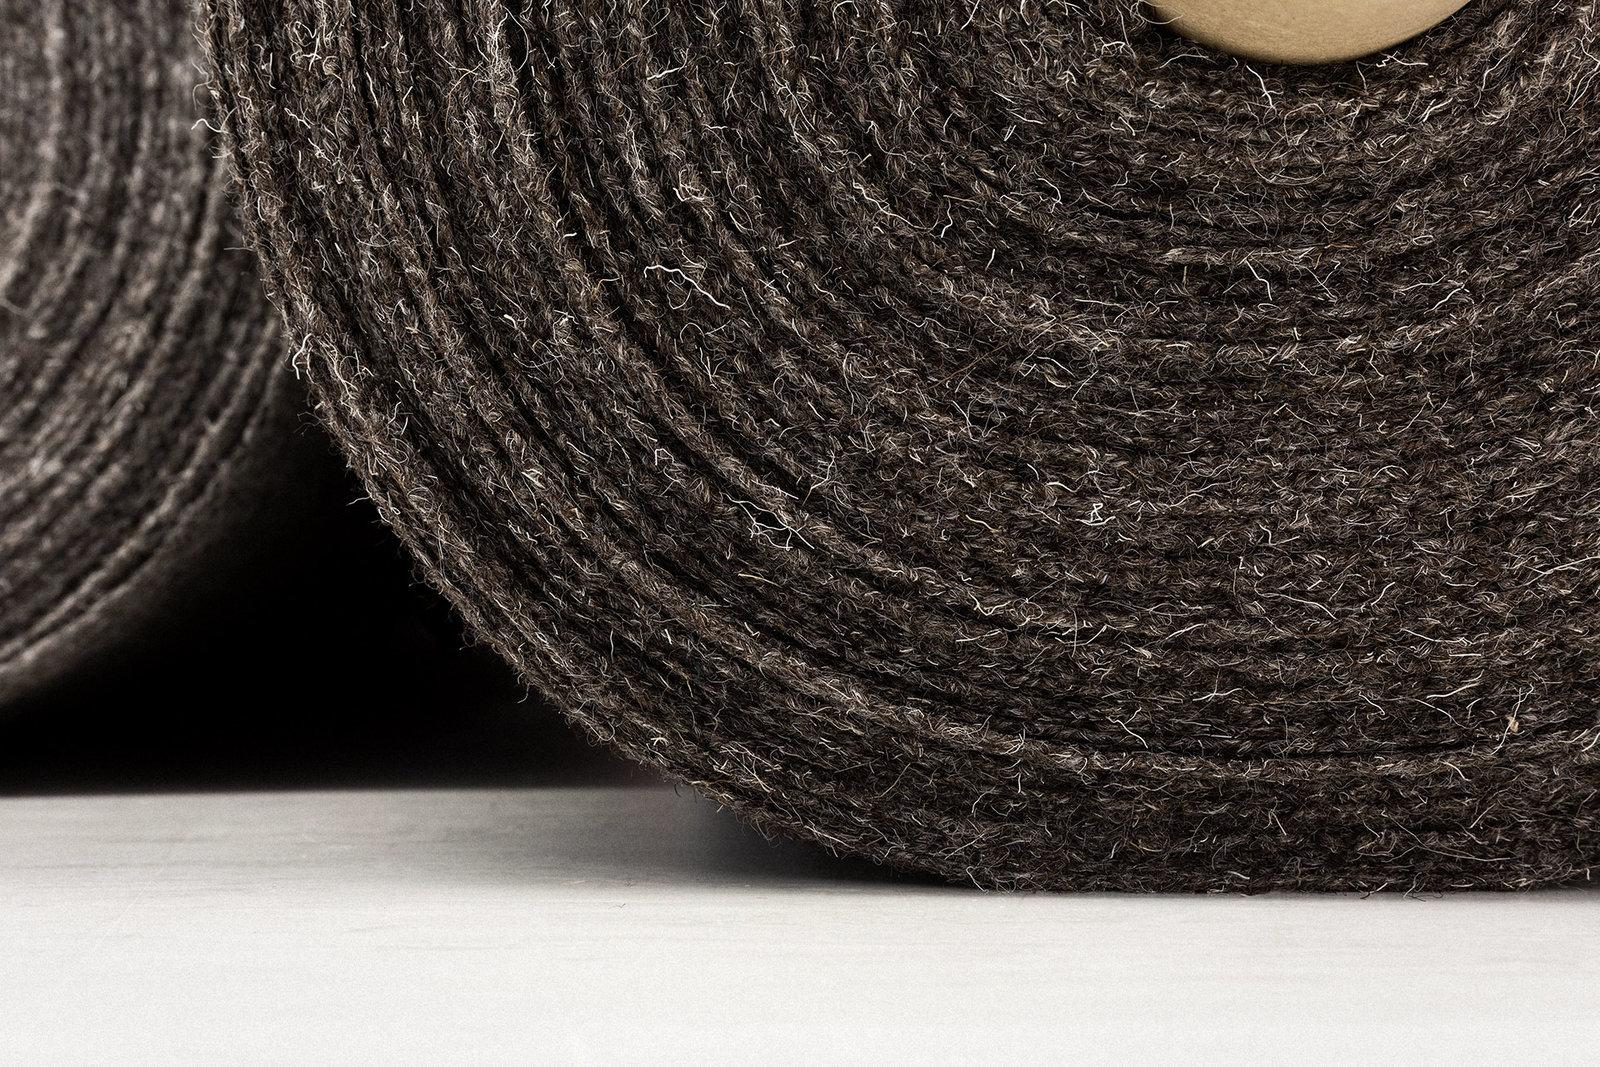 herdwick-cloth-2@2x.jpg